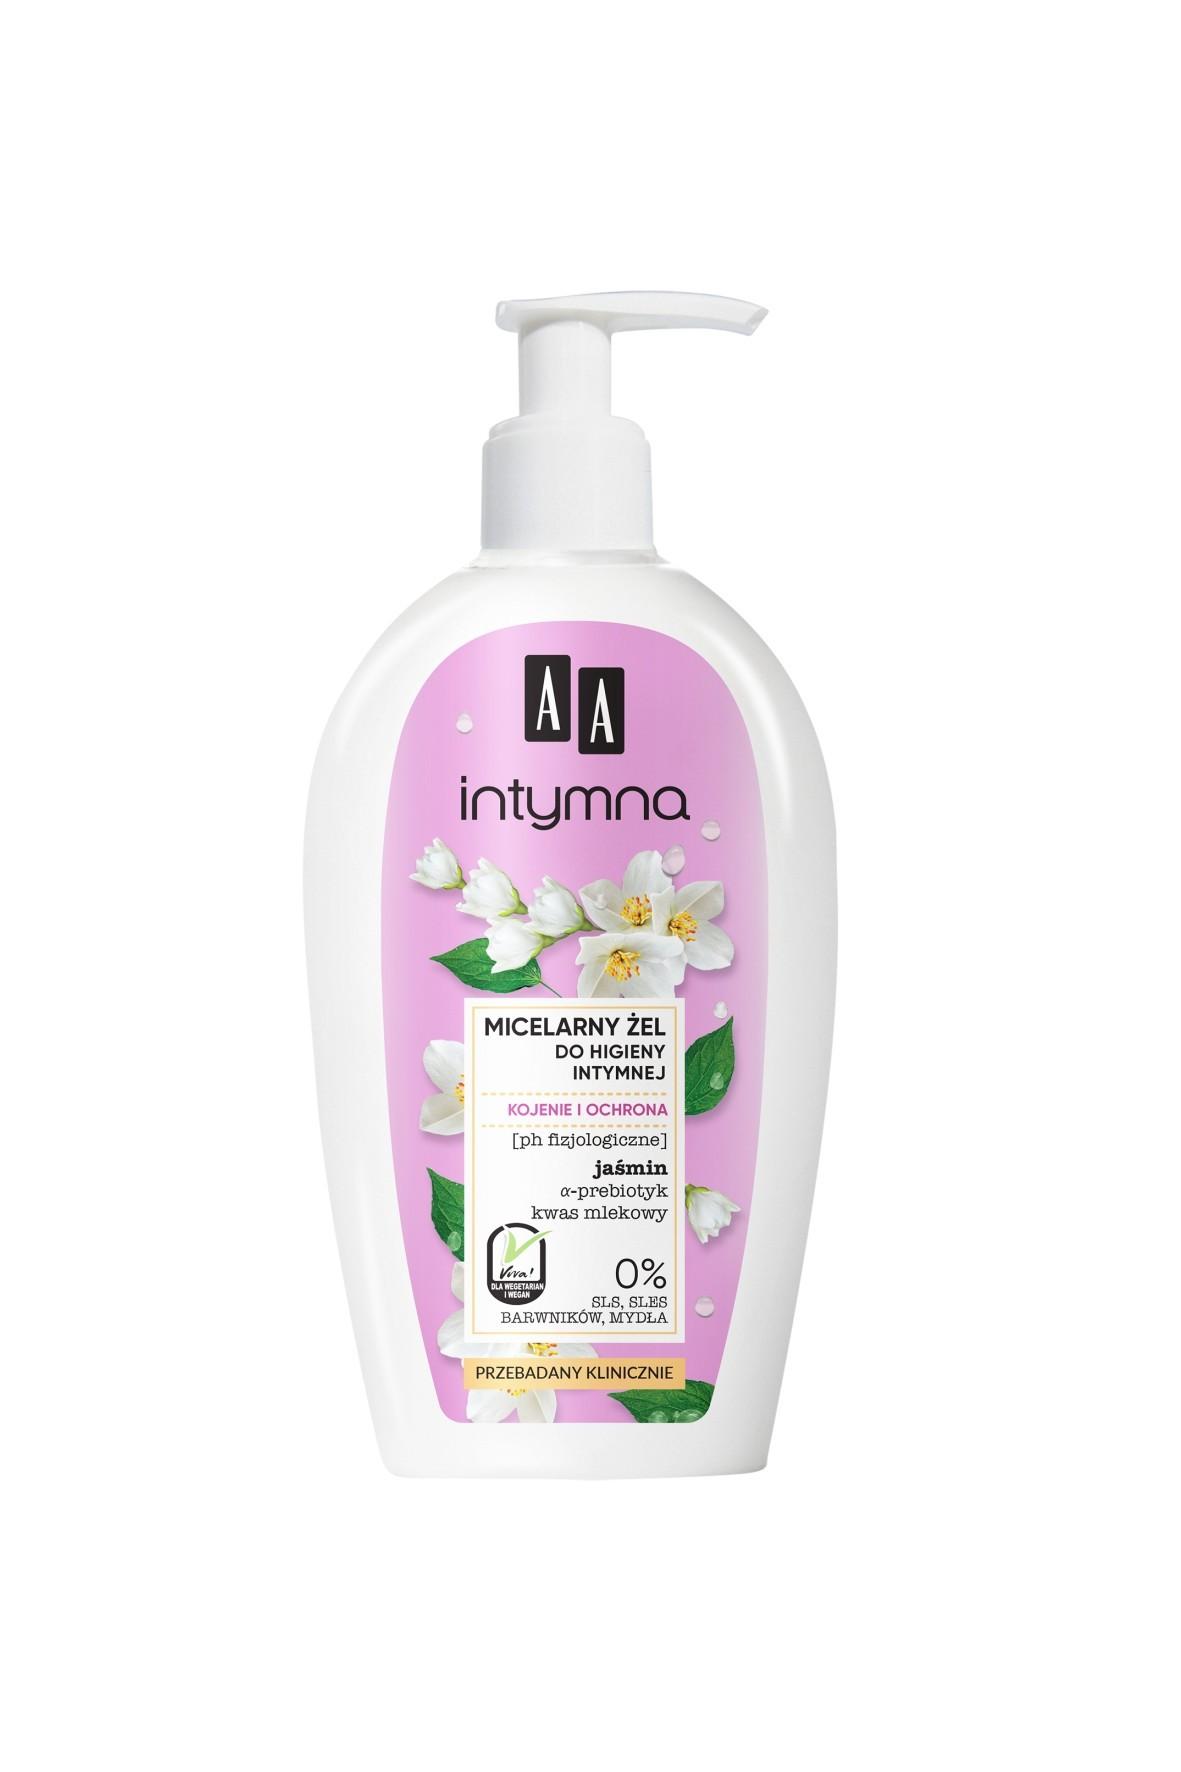 AA Intymna micelarny żel do higieny intymnej - kojenie i ochrona 300 ml